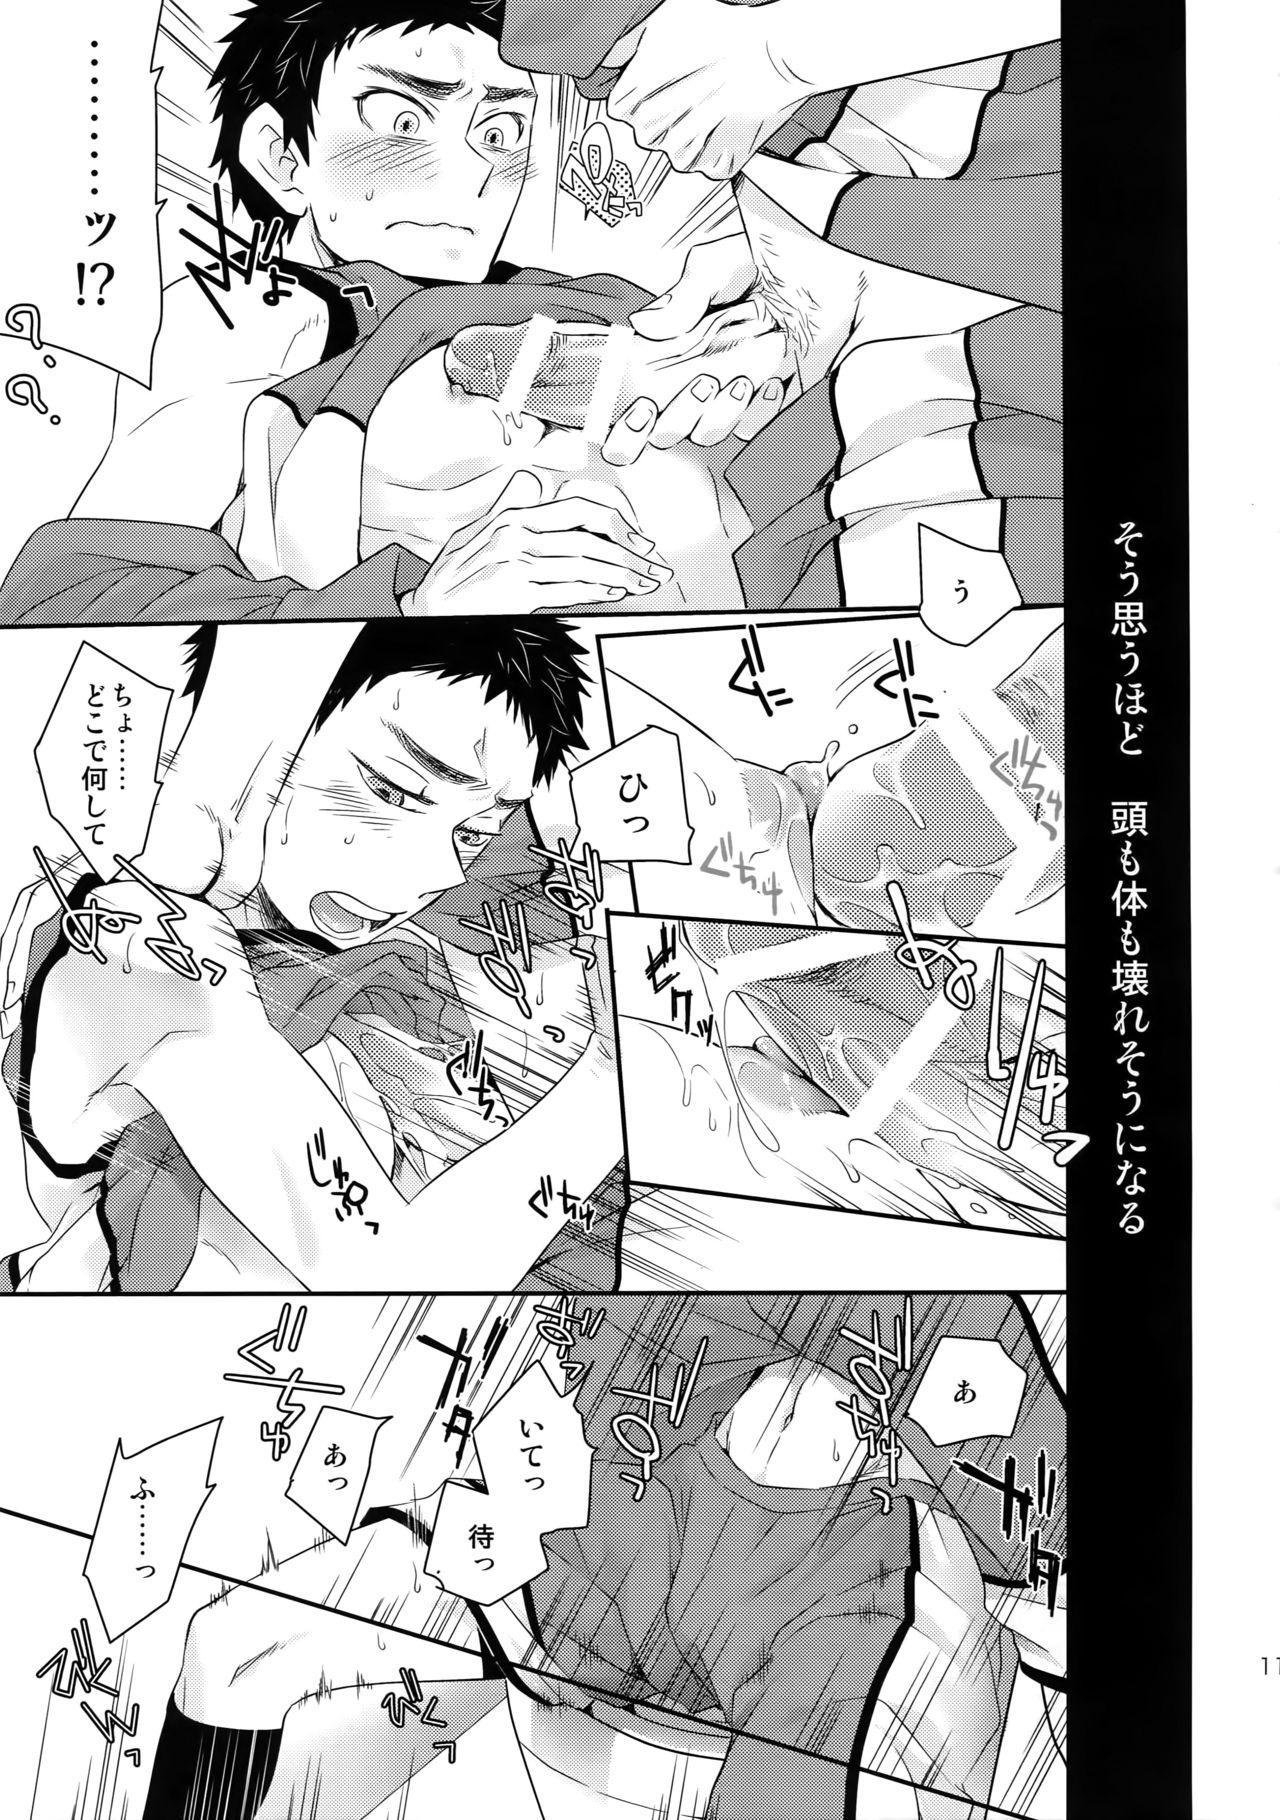 Kanpeki Kareshi to Zettai Ryouiki Ouji-sama 111